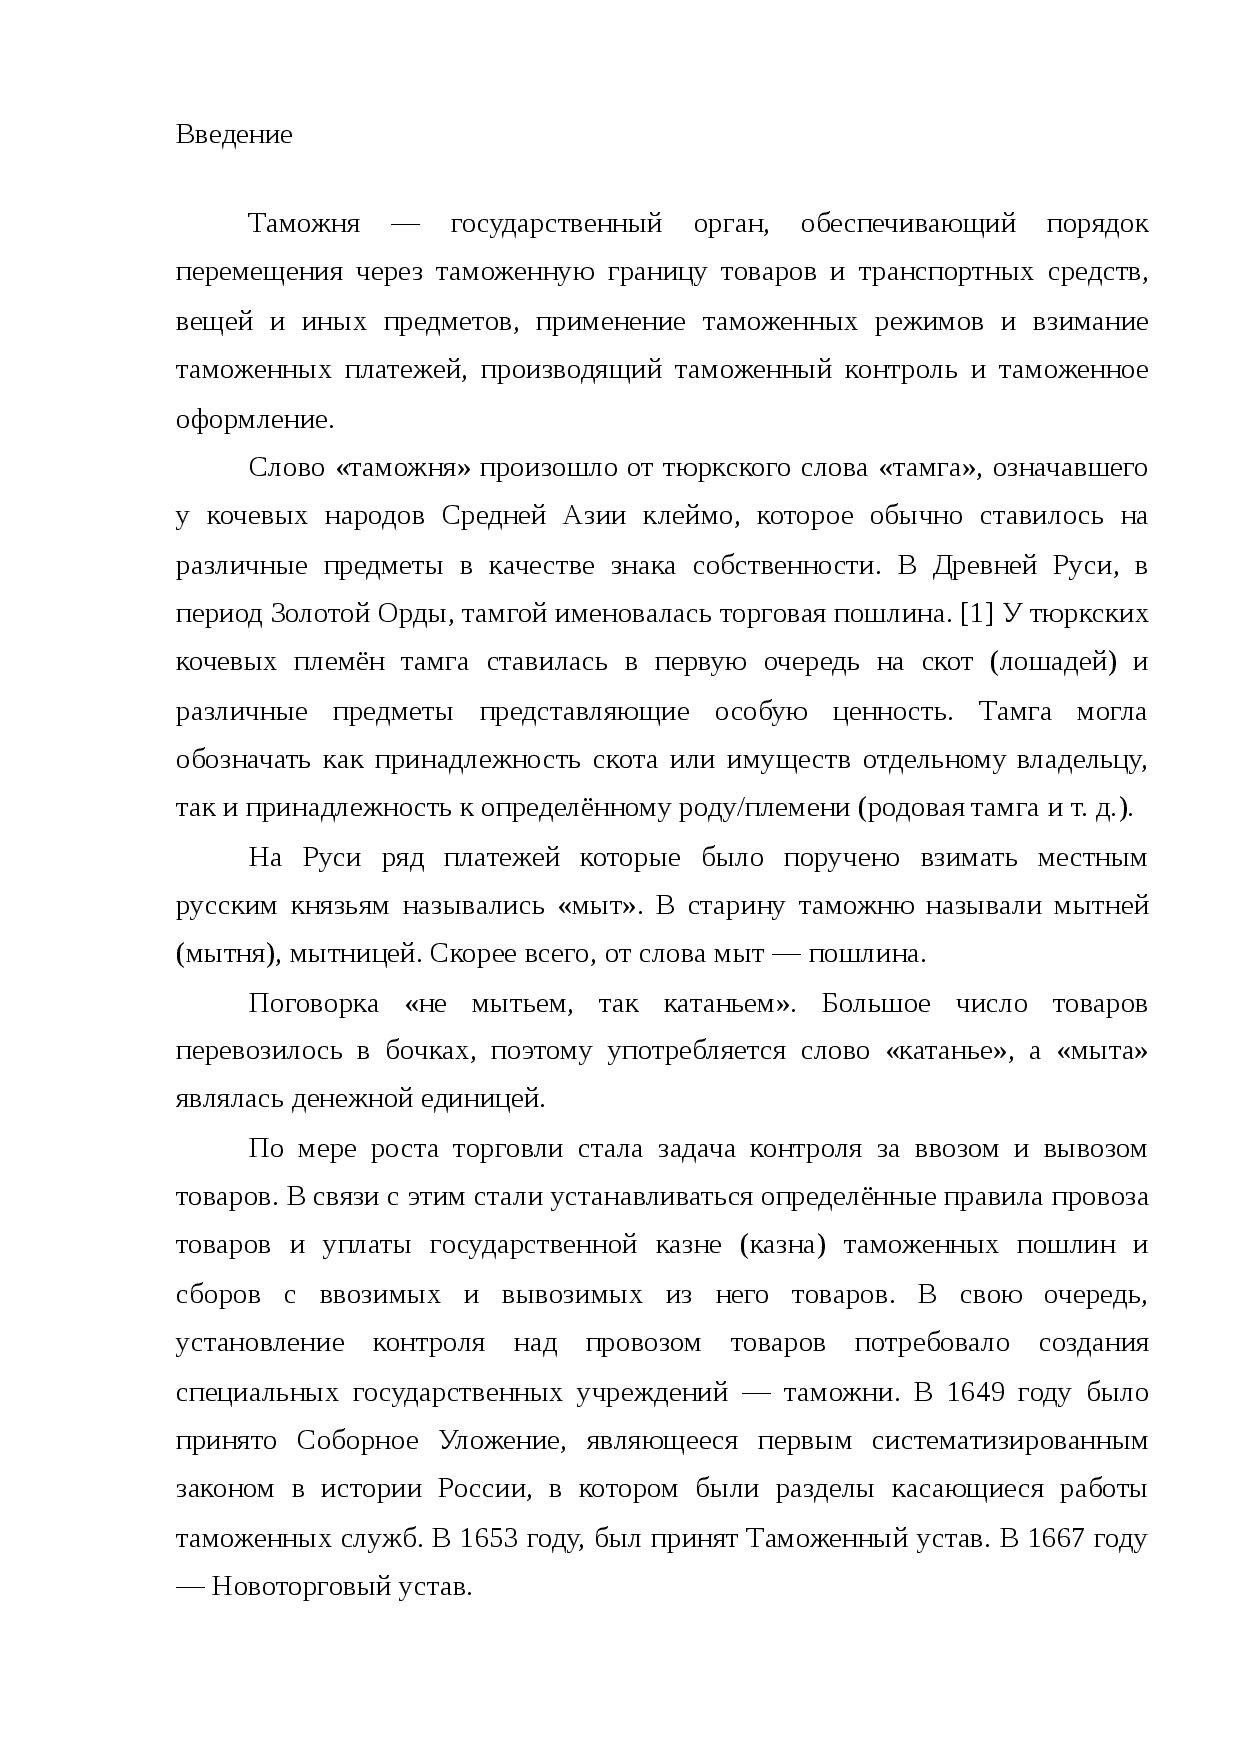 федеральная таможенная служба цели и задачи